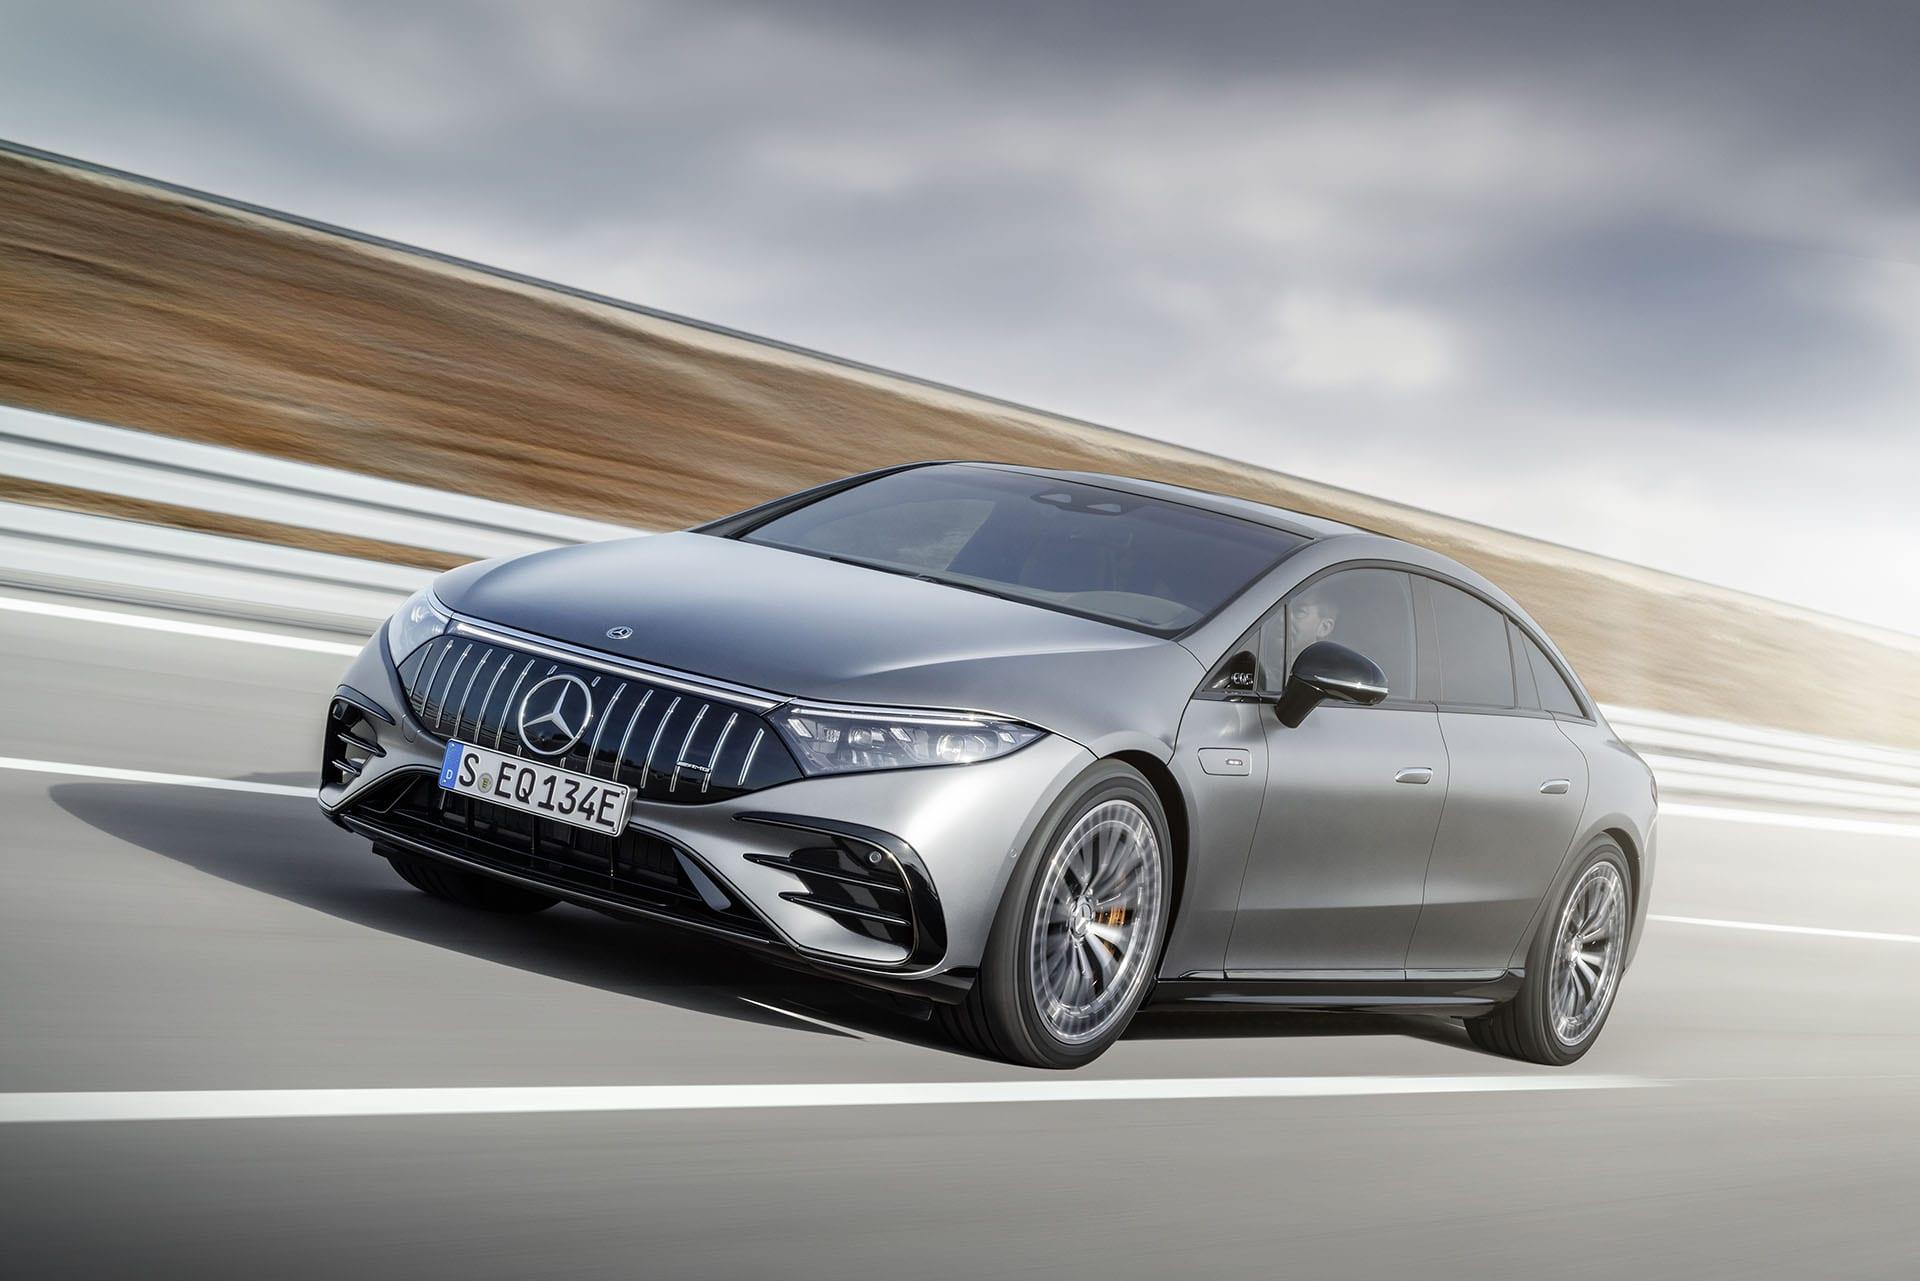 Прем'єра нового Mercedes-AMG EQS 53 4MATIC +: перший серійний автомобіль AMG з електричним приводом